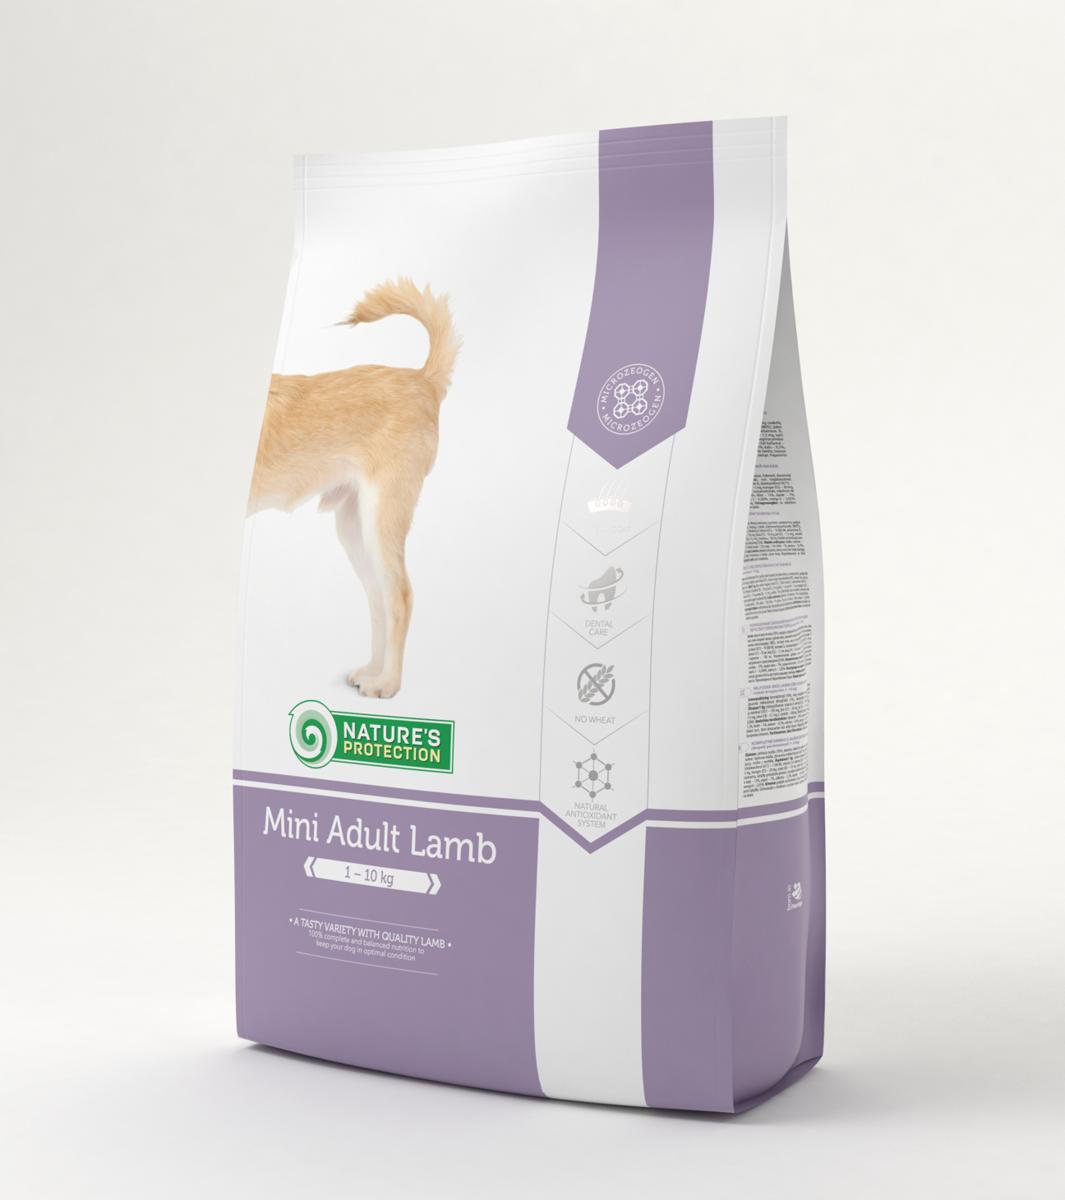 羊肉小型成犬糧(腸胃敏感配方)7.5kg